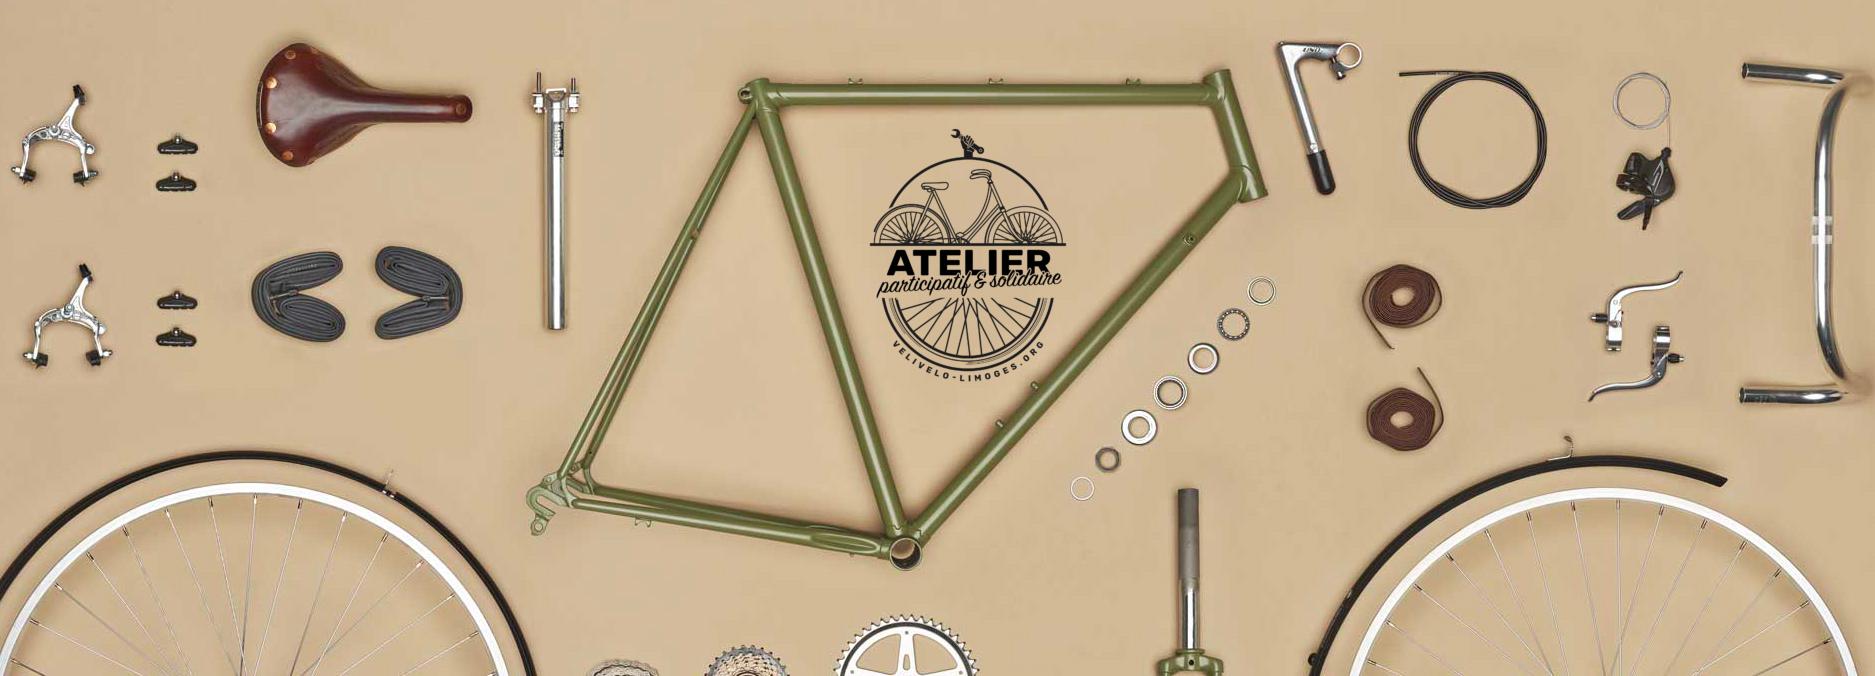 ATELIER PARTICIPATIF  Véli-Vélo à Beaubreuil !